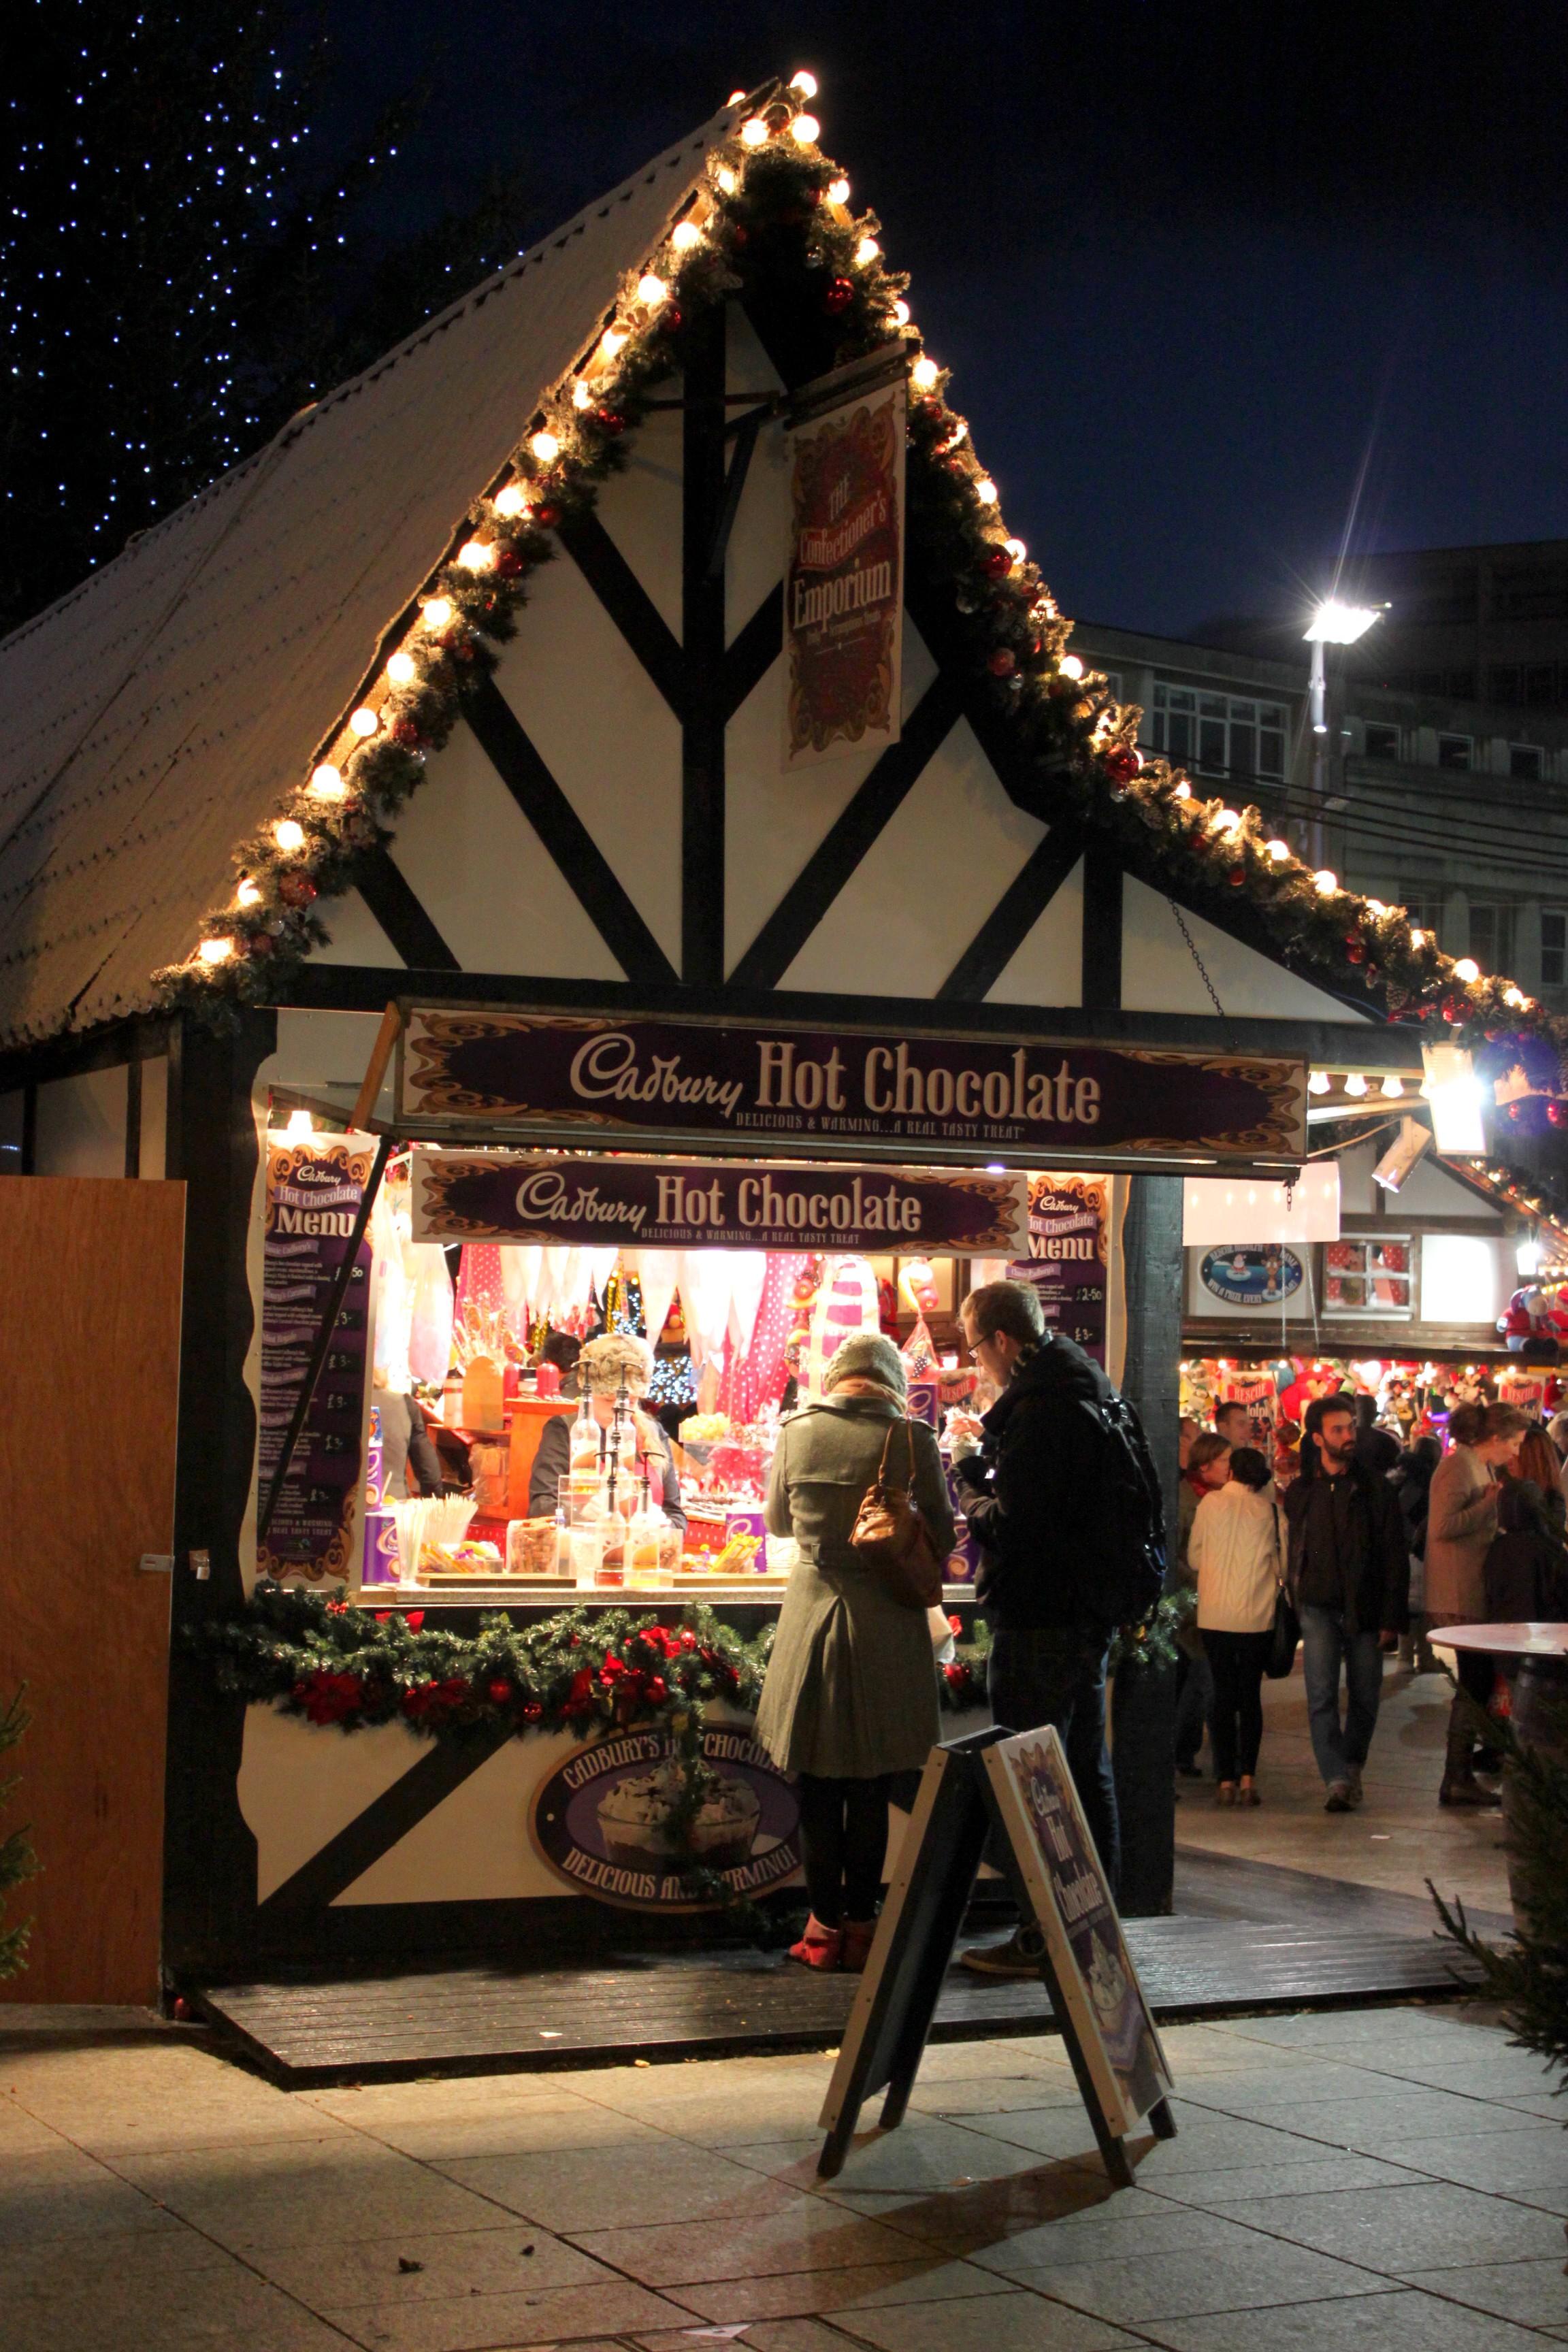 Winter Wonderland per tutto il centro di Nottingham